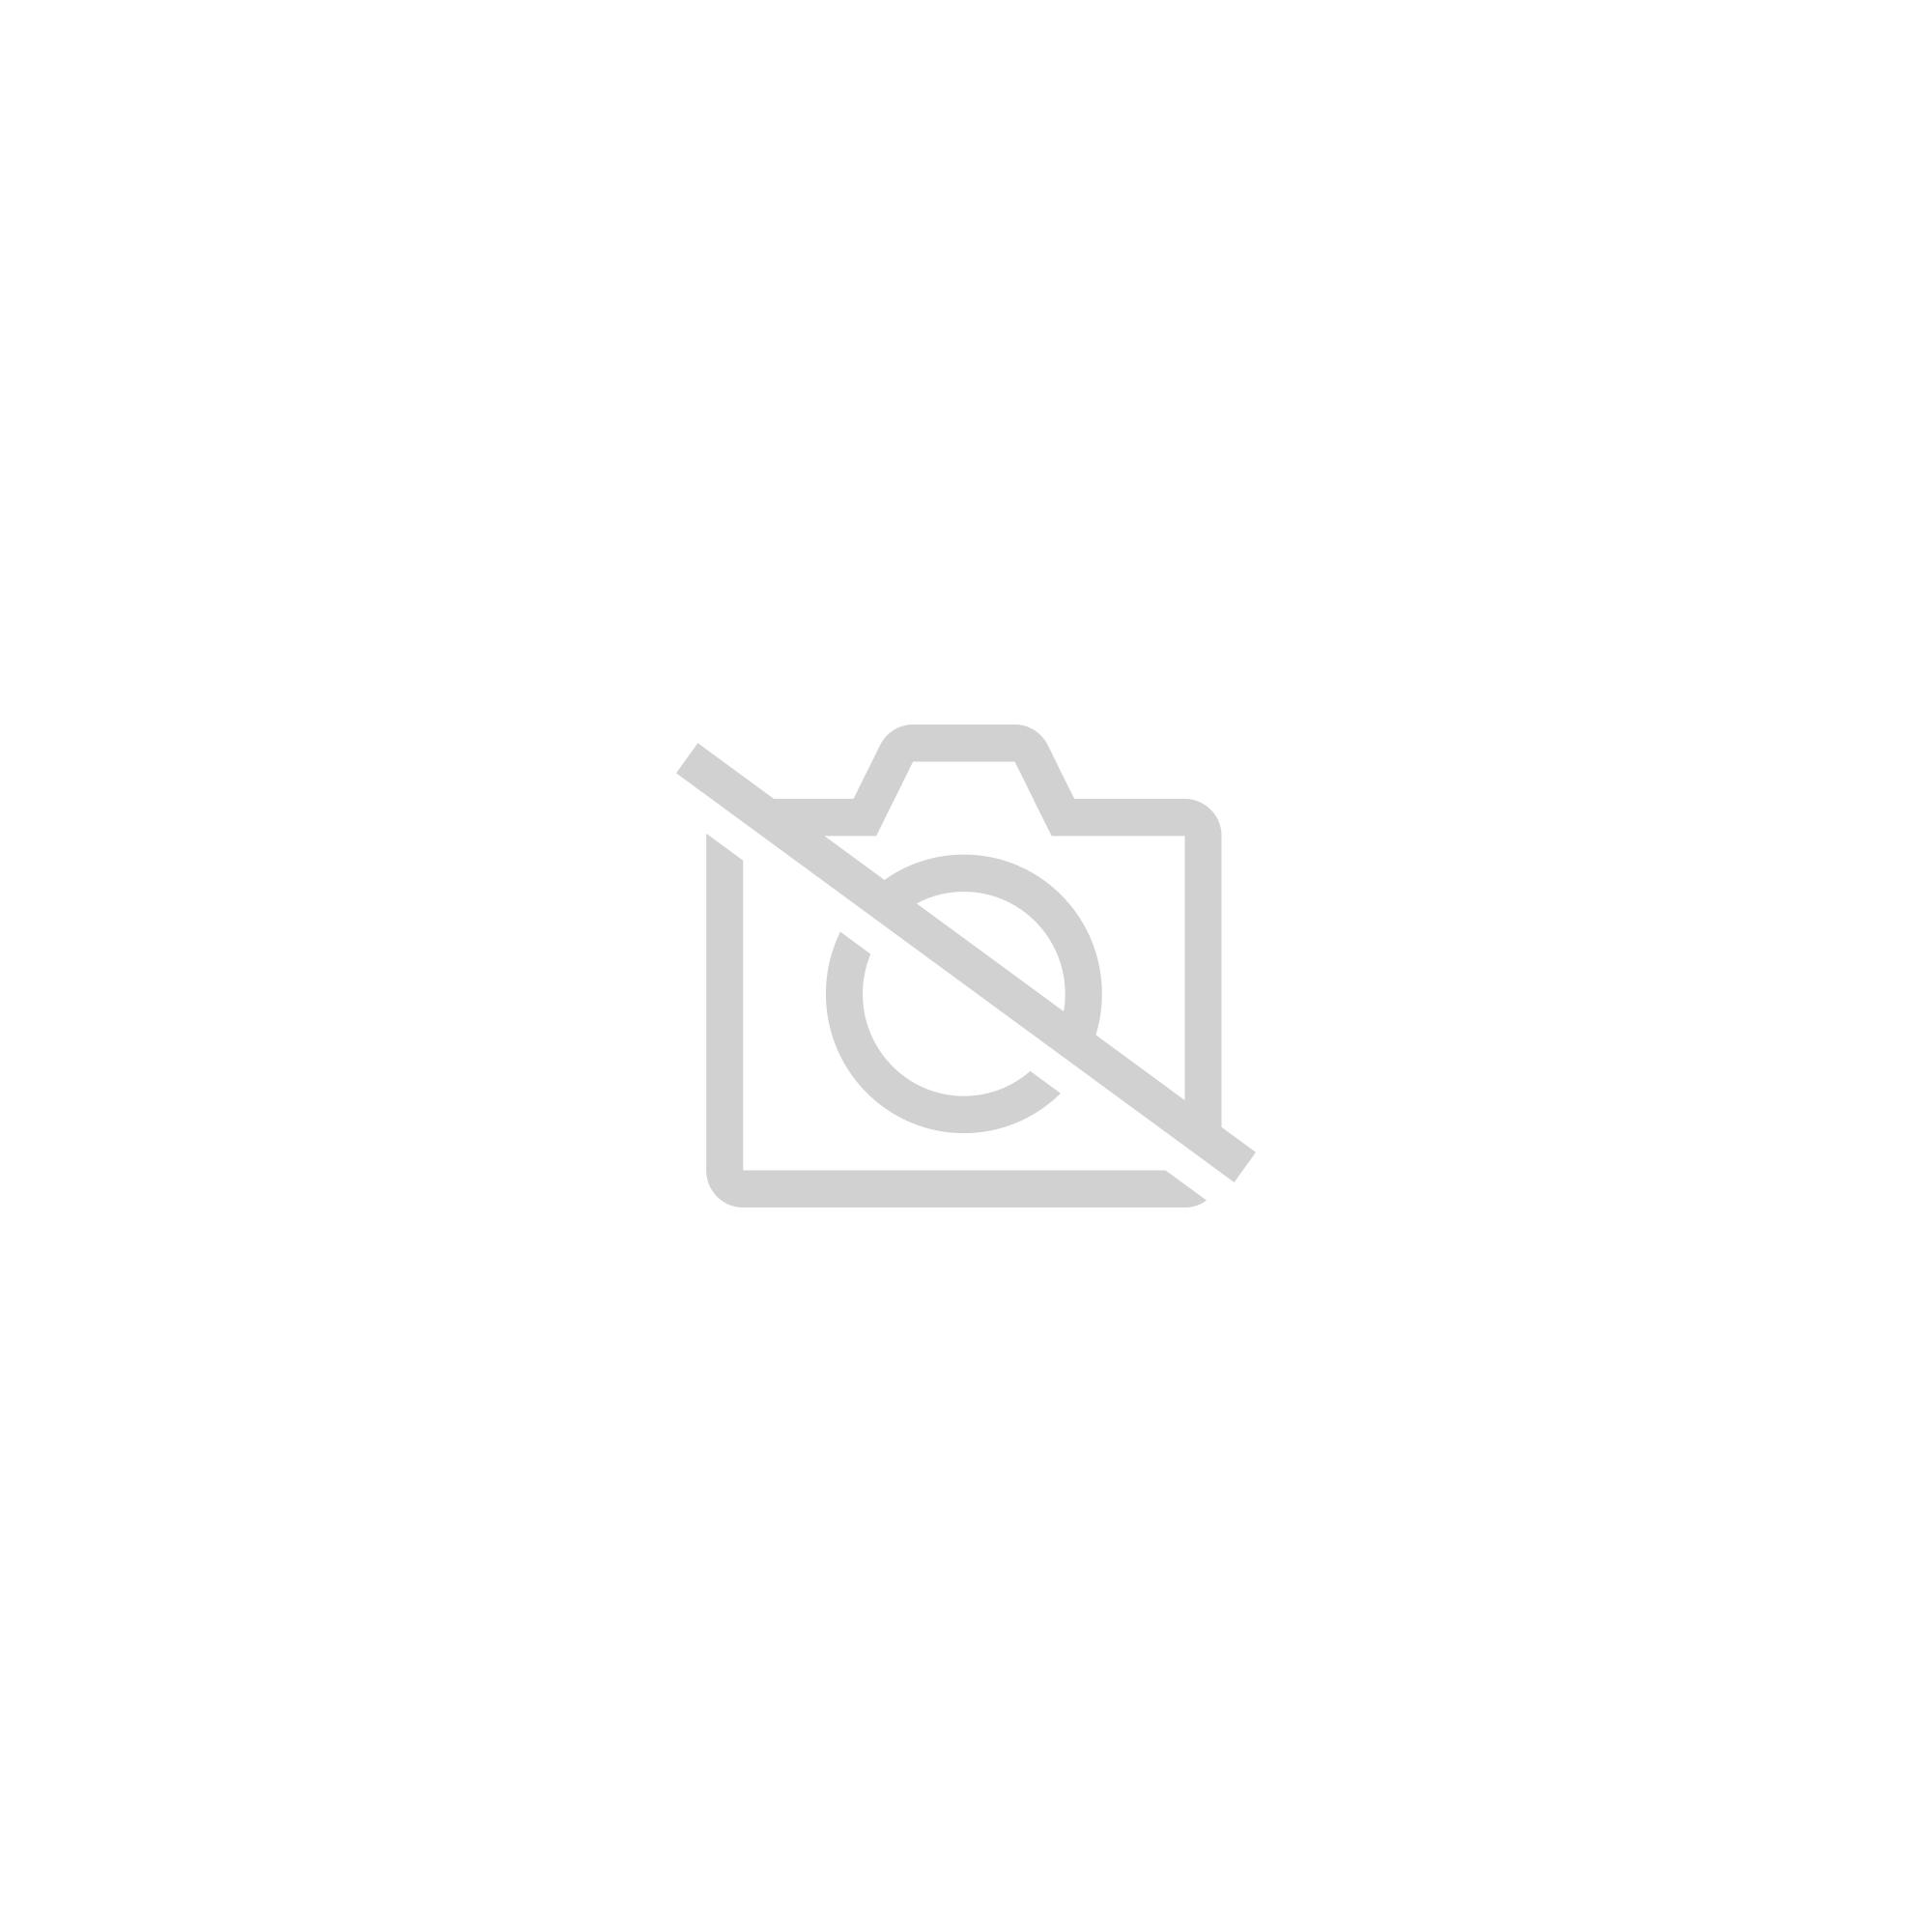 CONCEPTRONIC_2101070